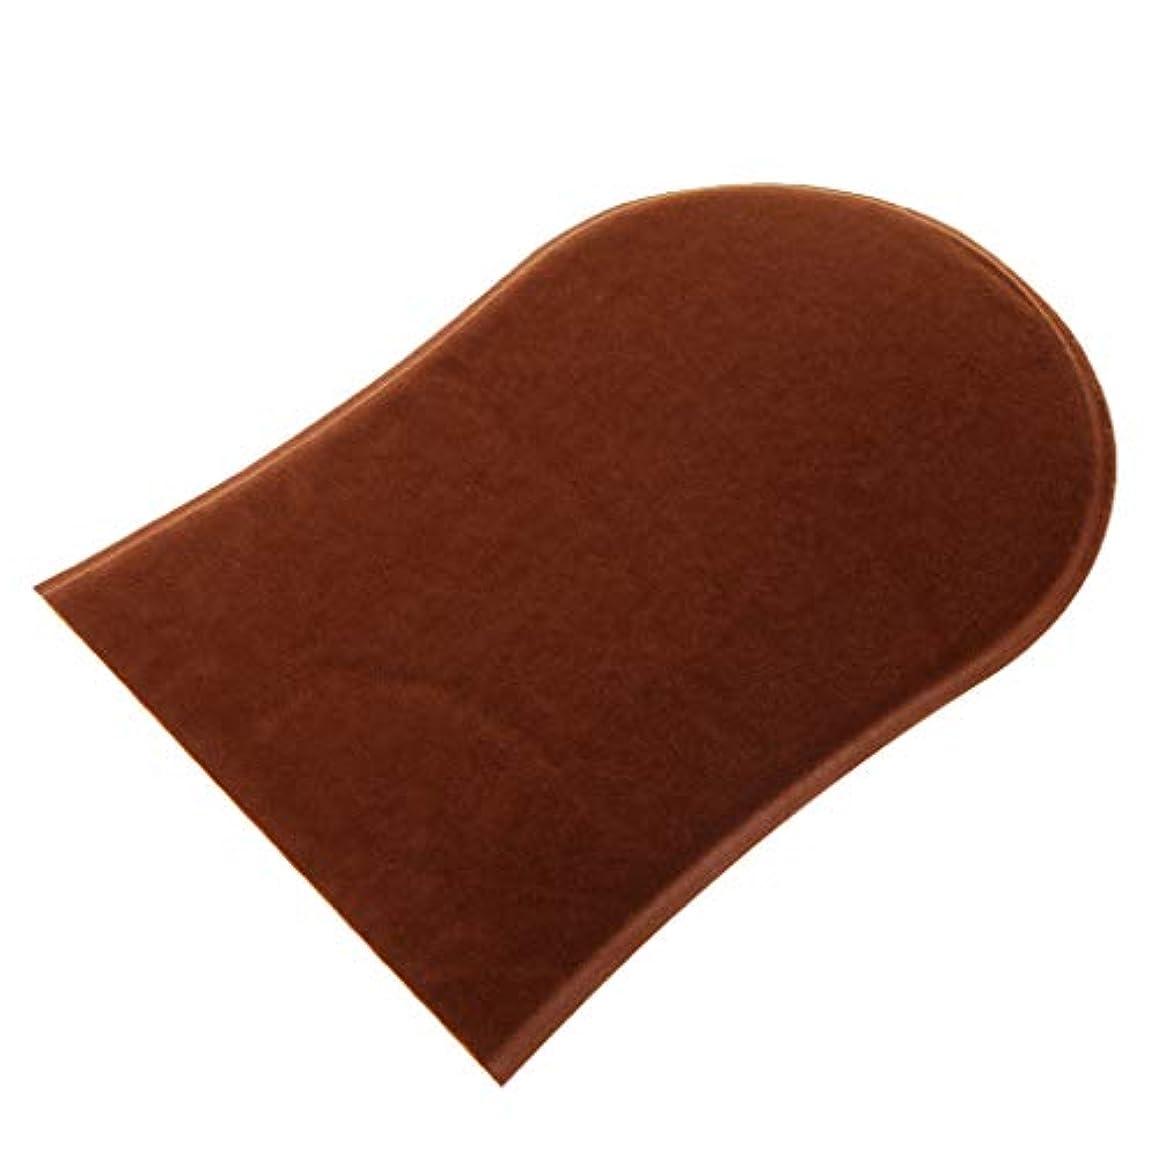 パーチナシティフェードアウト差T TOOYFUL 手袋 防水 再利用可能 滑らか ハンドケア セルフタンニング 両面 約19*12cm